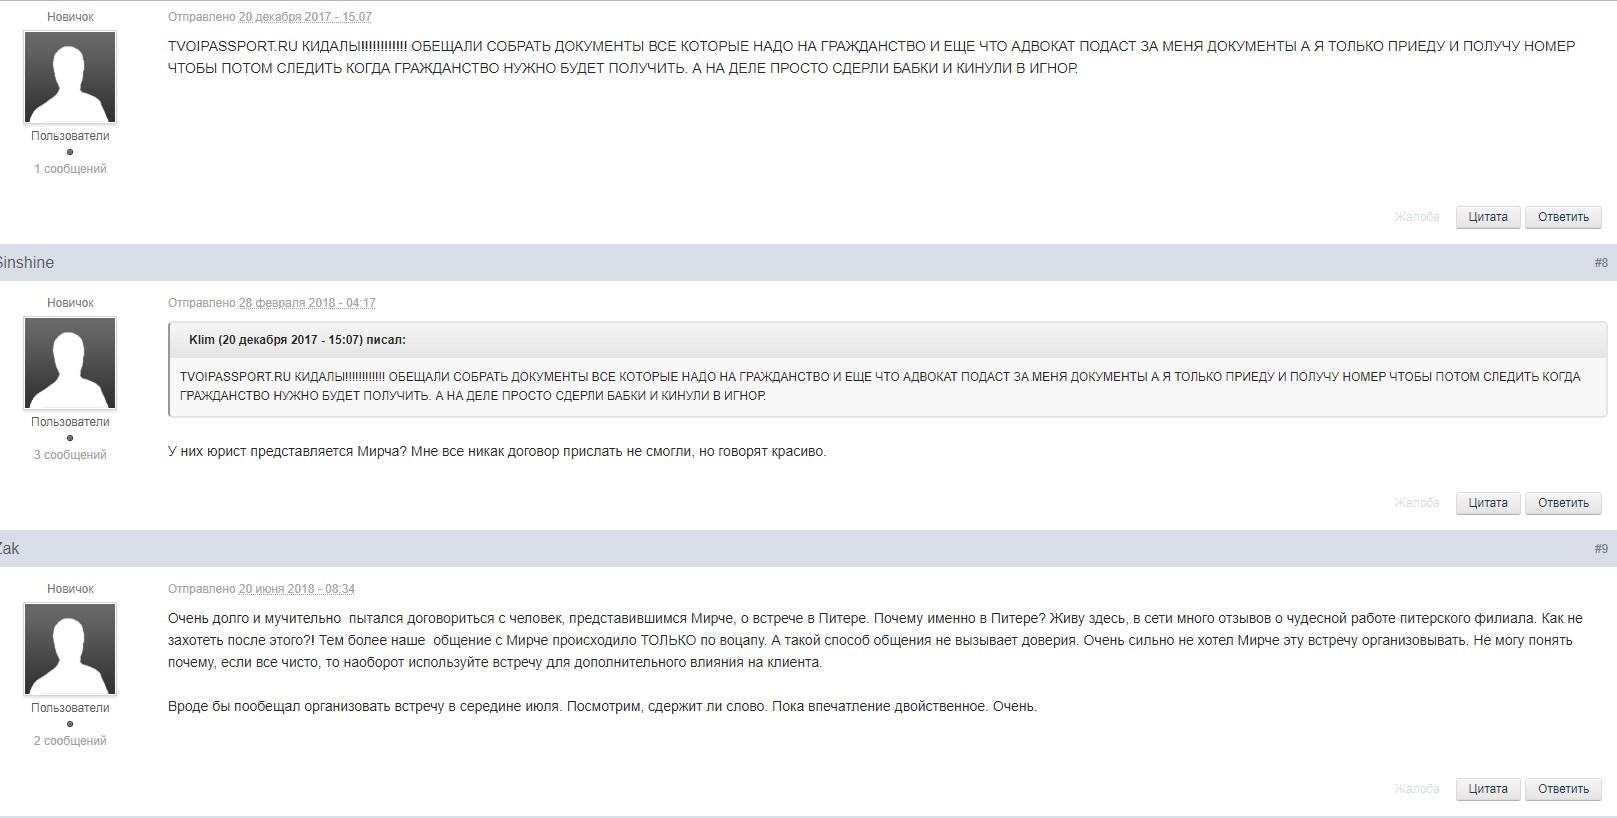 tvoipassport.ru отзывы клиентов на сайте forum-eu.com